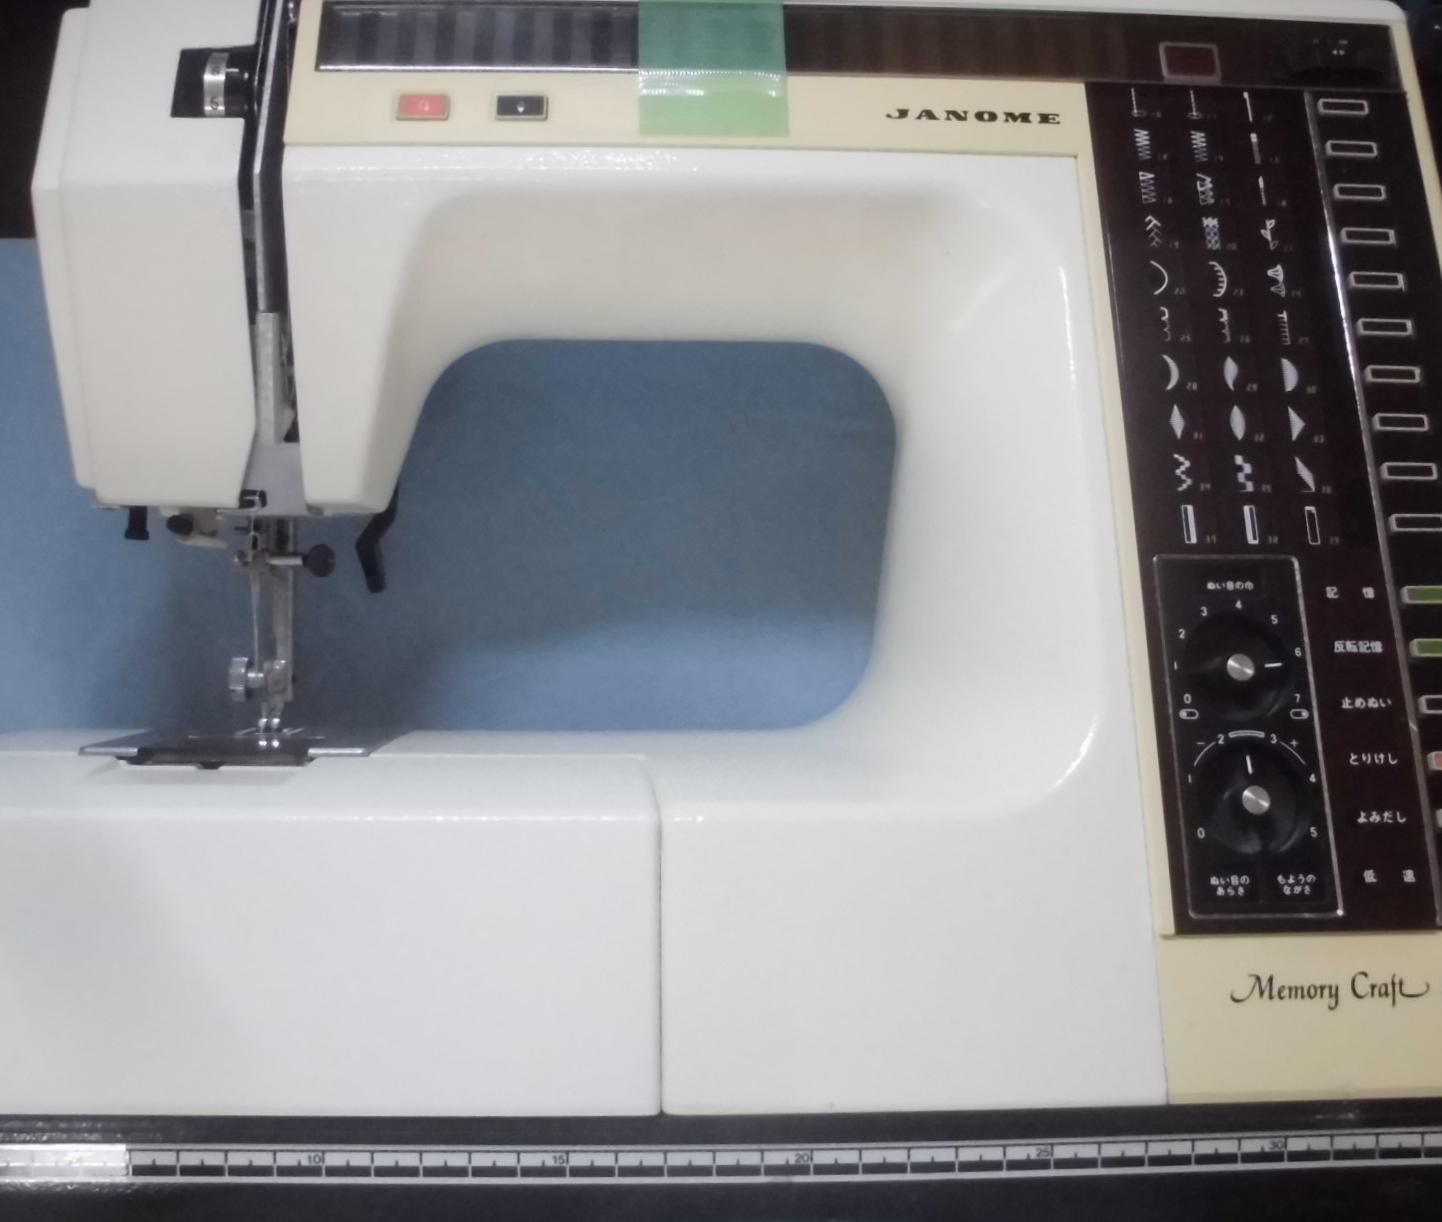 ジャノメミシンの修理|メモリークラフト6000|突然ミシンが動かなくなった、縫えない、部品の破損